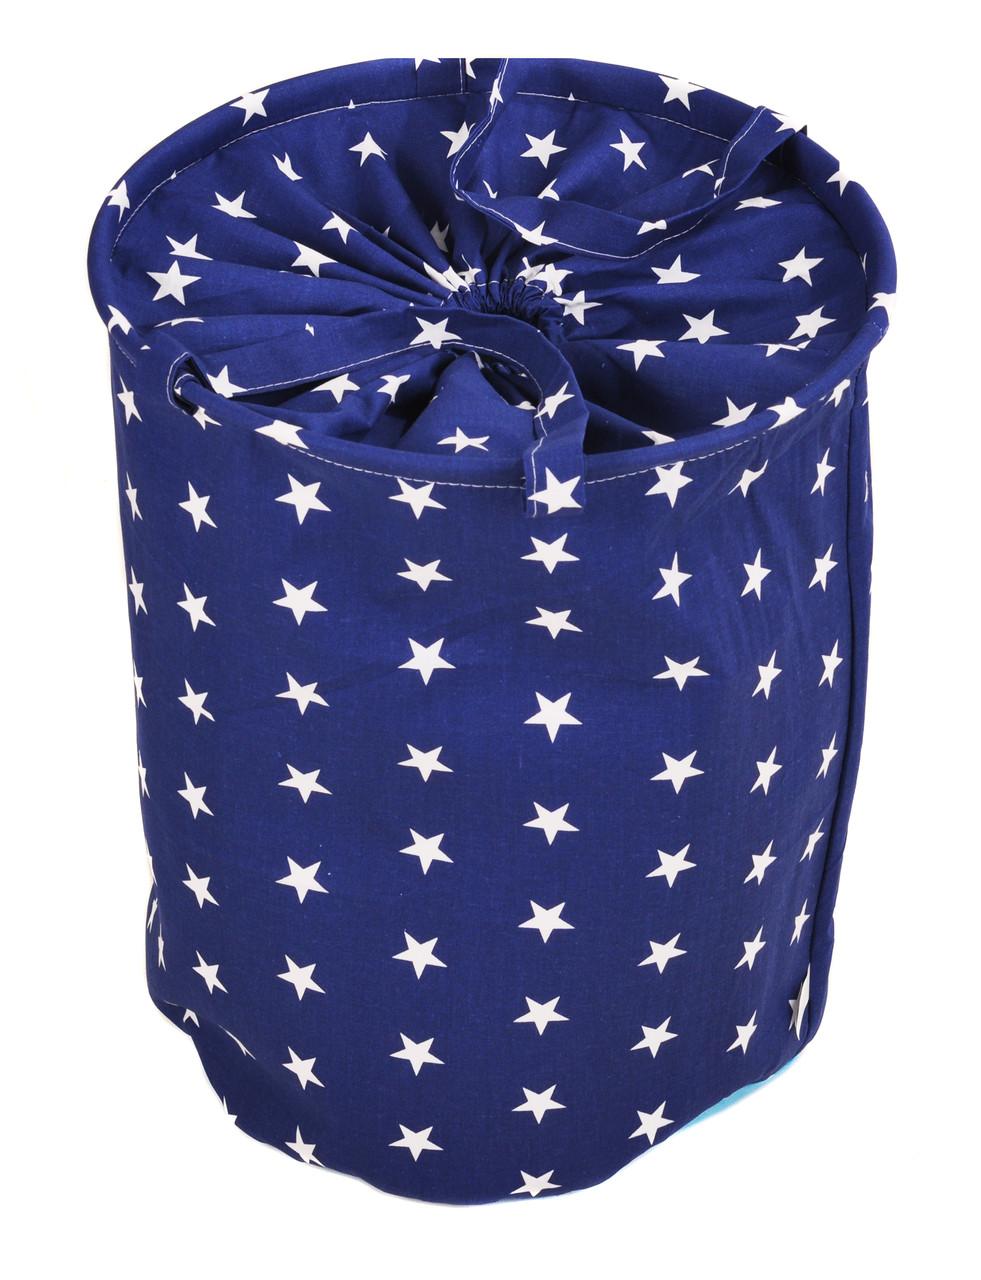 Корзина для игрушек элит, 40*50, хлопок: Звезды на синем